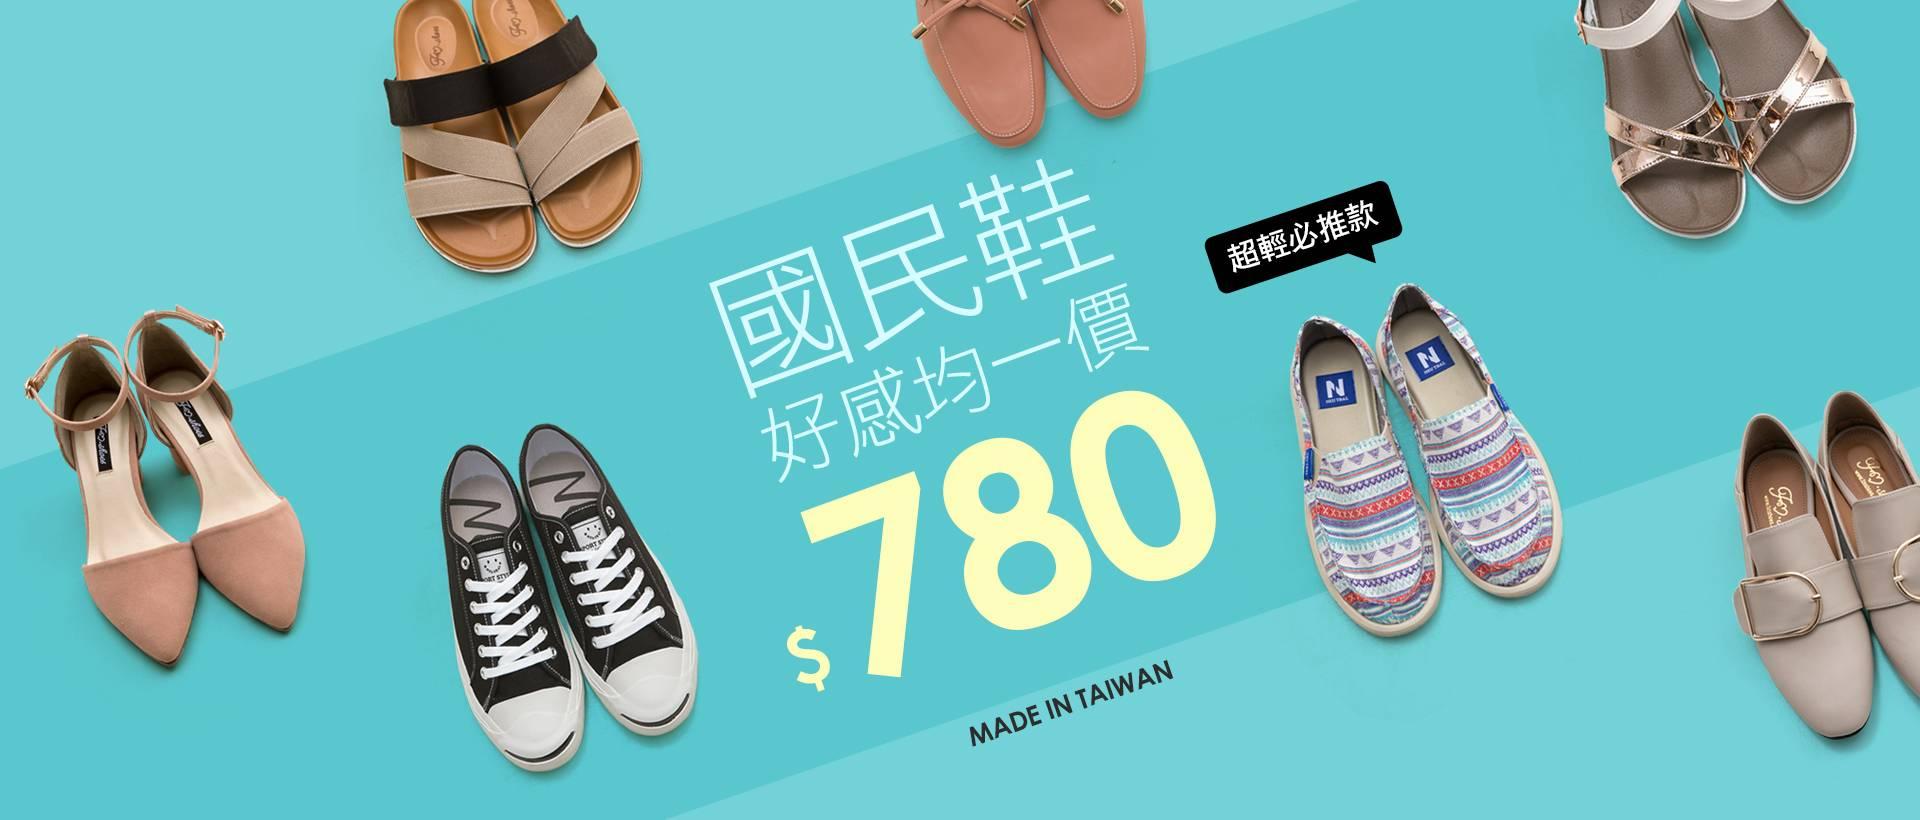 國民鞋780